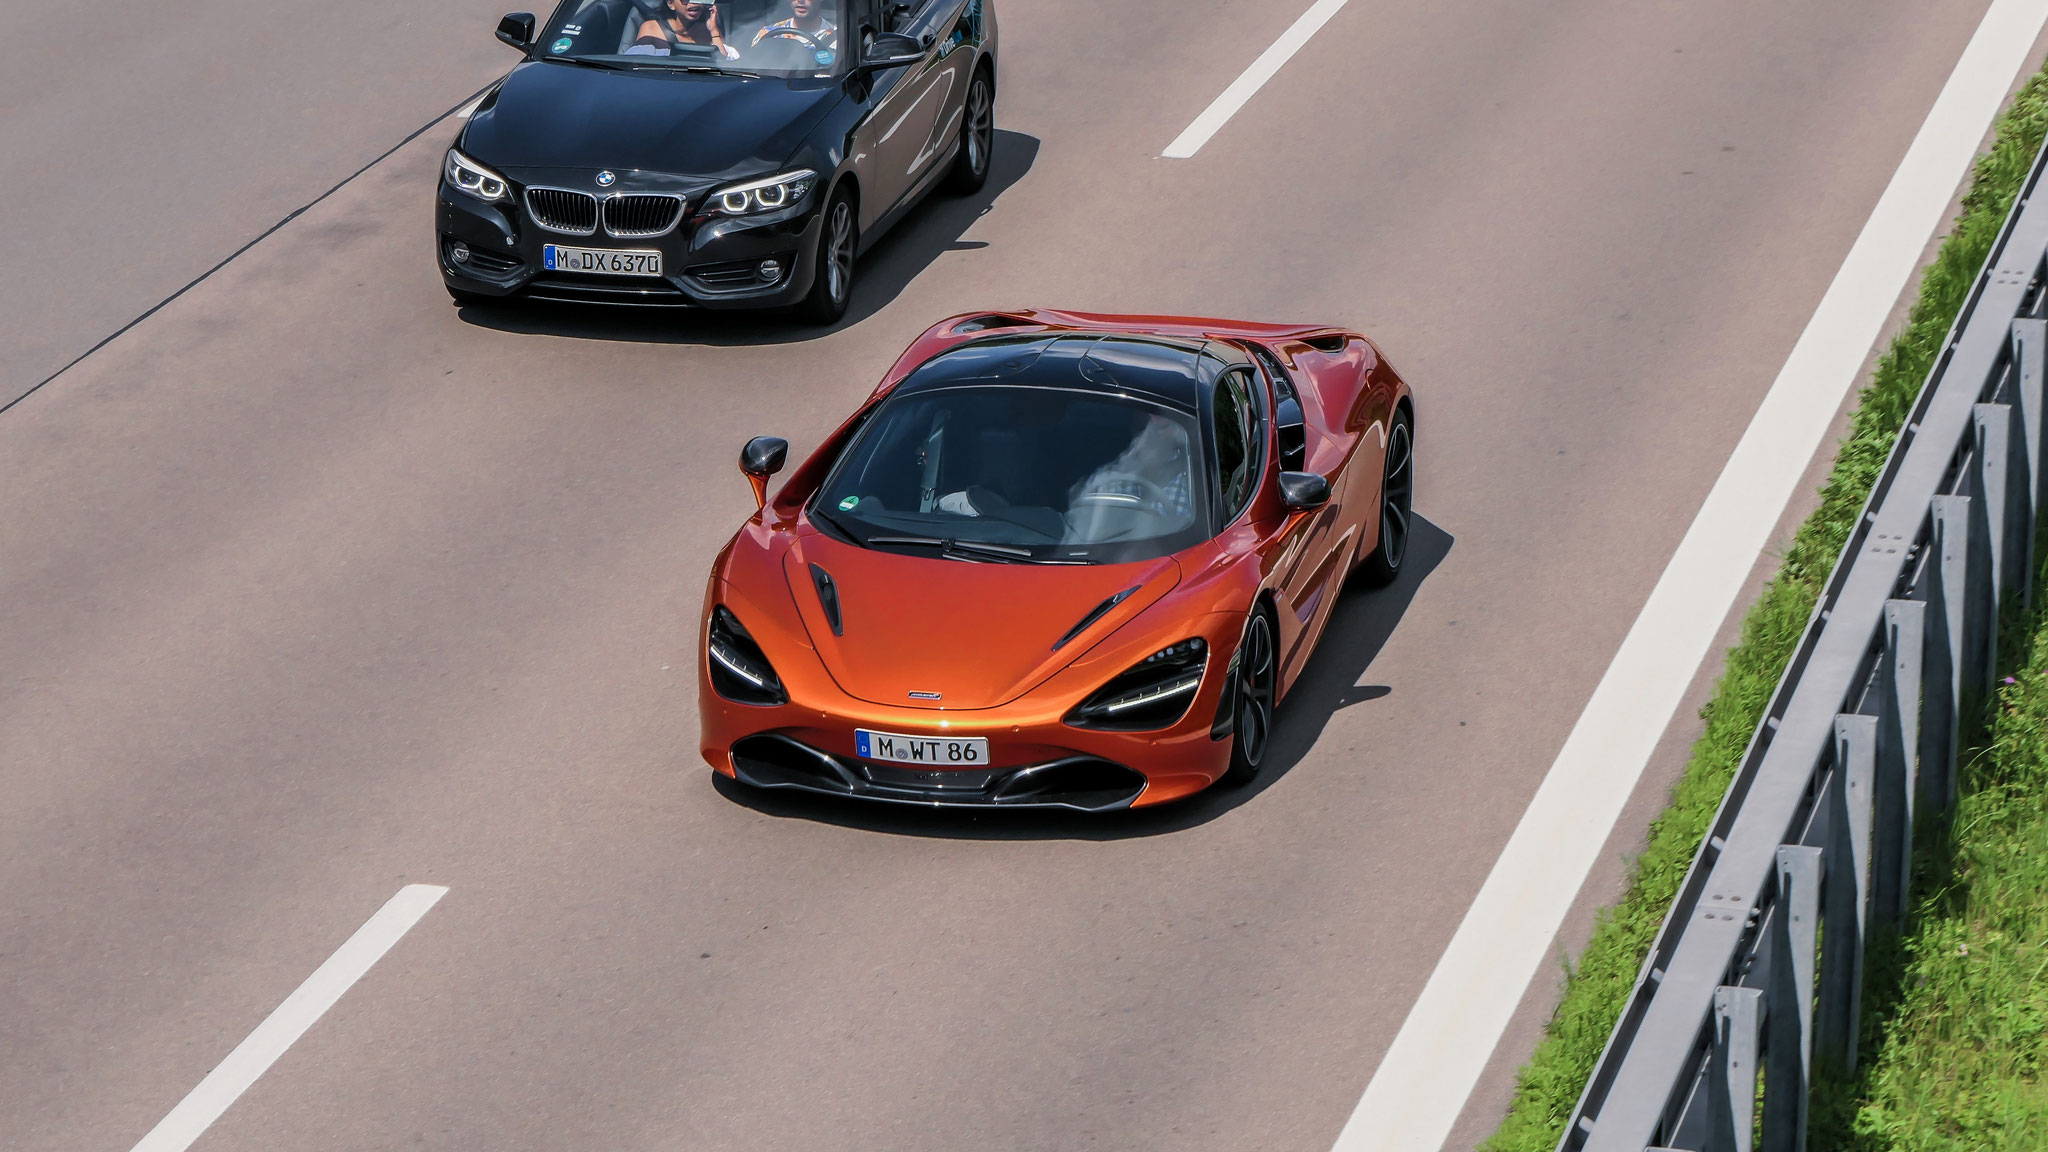 McLaren 720S - M-WT-86